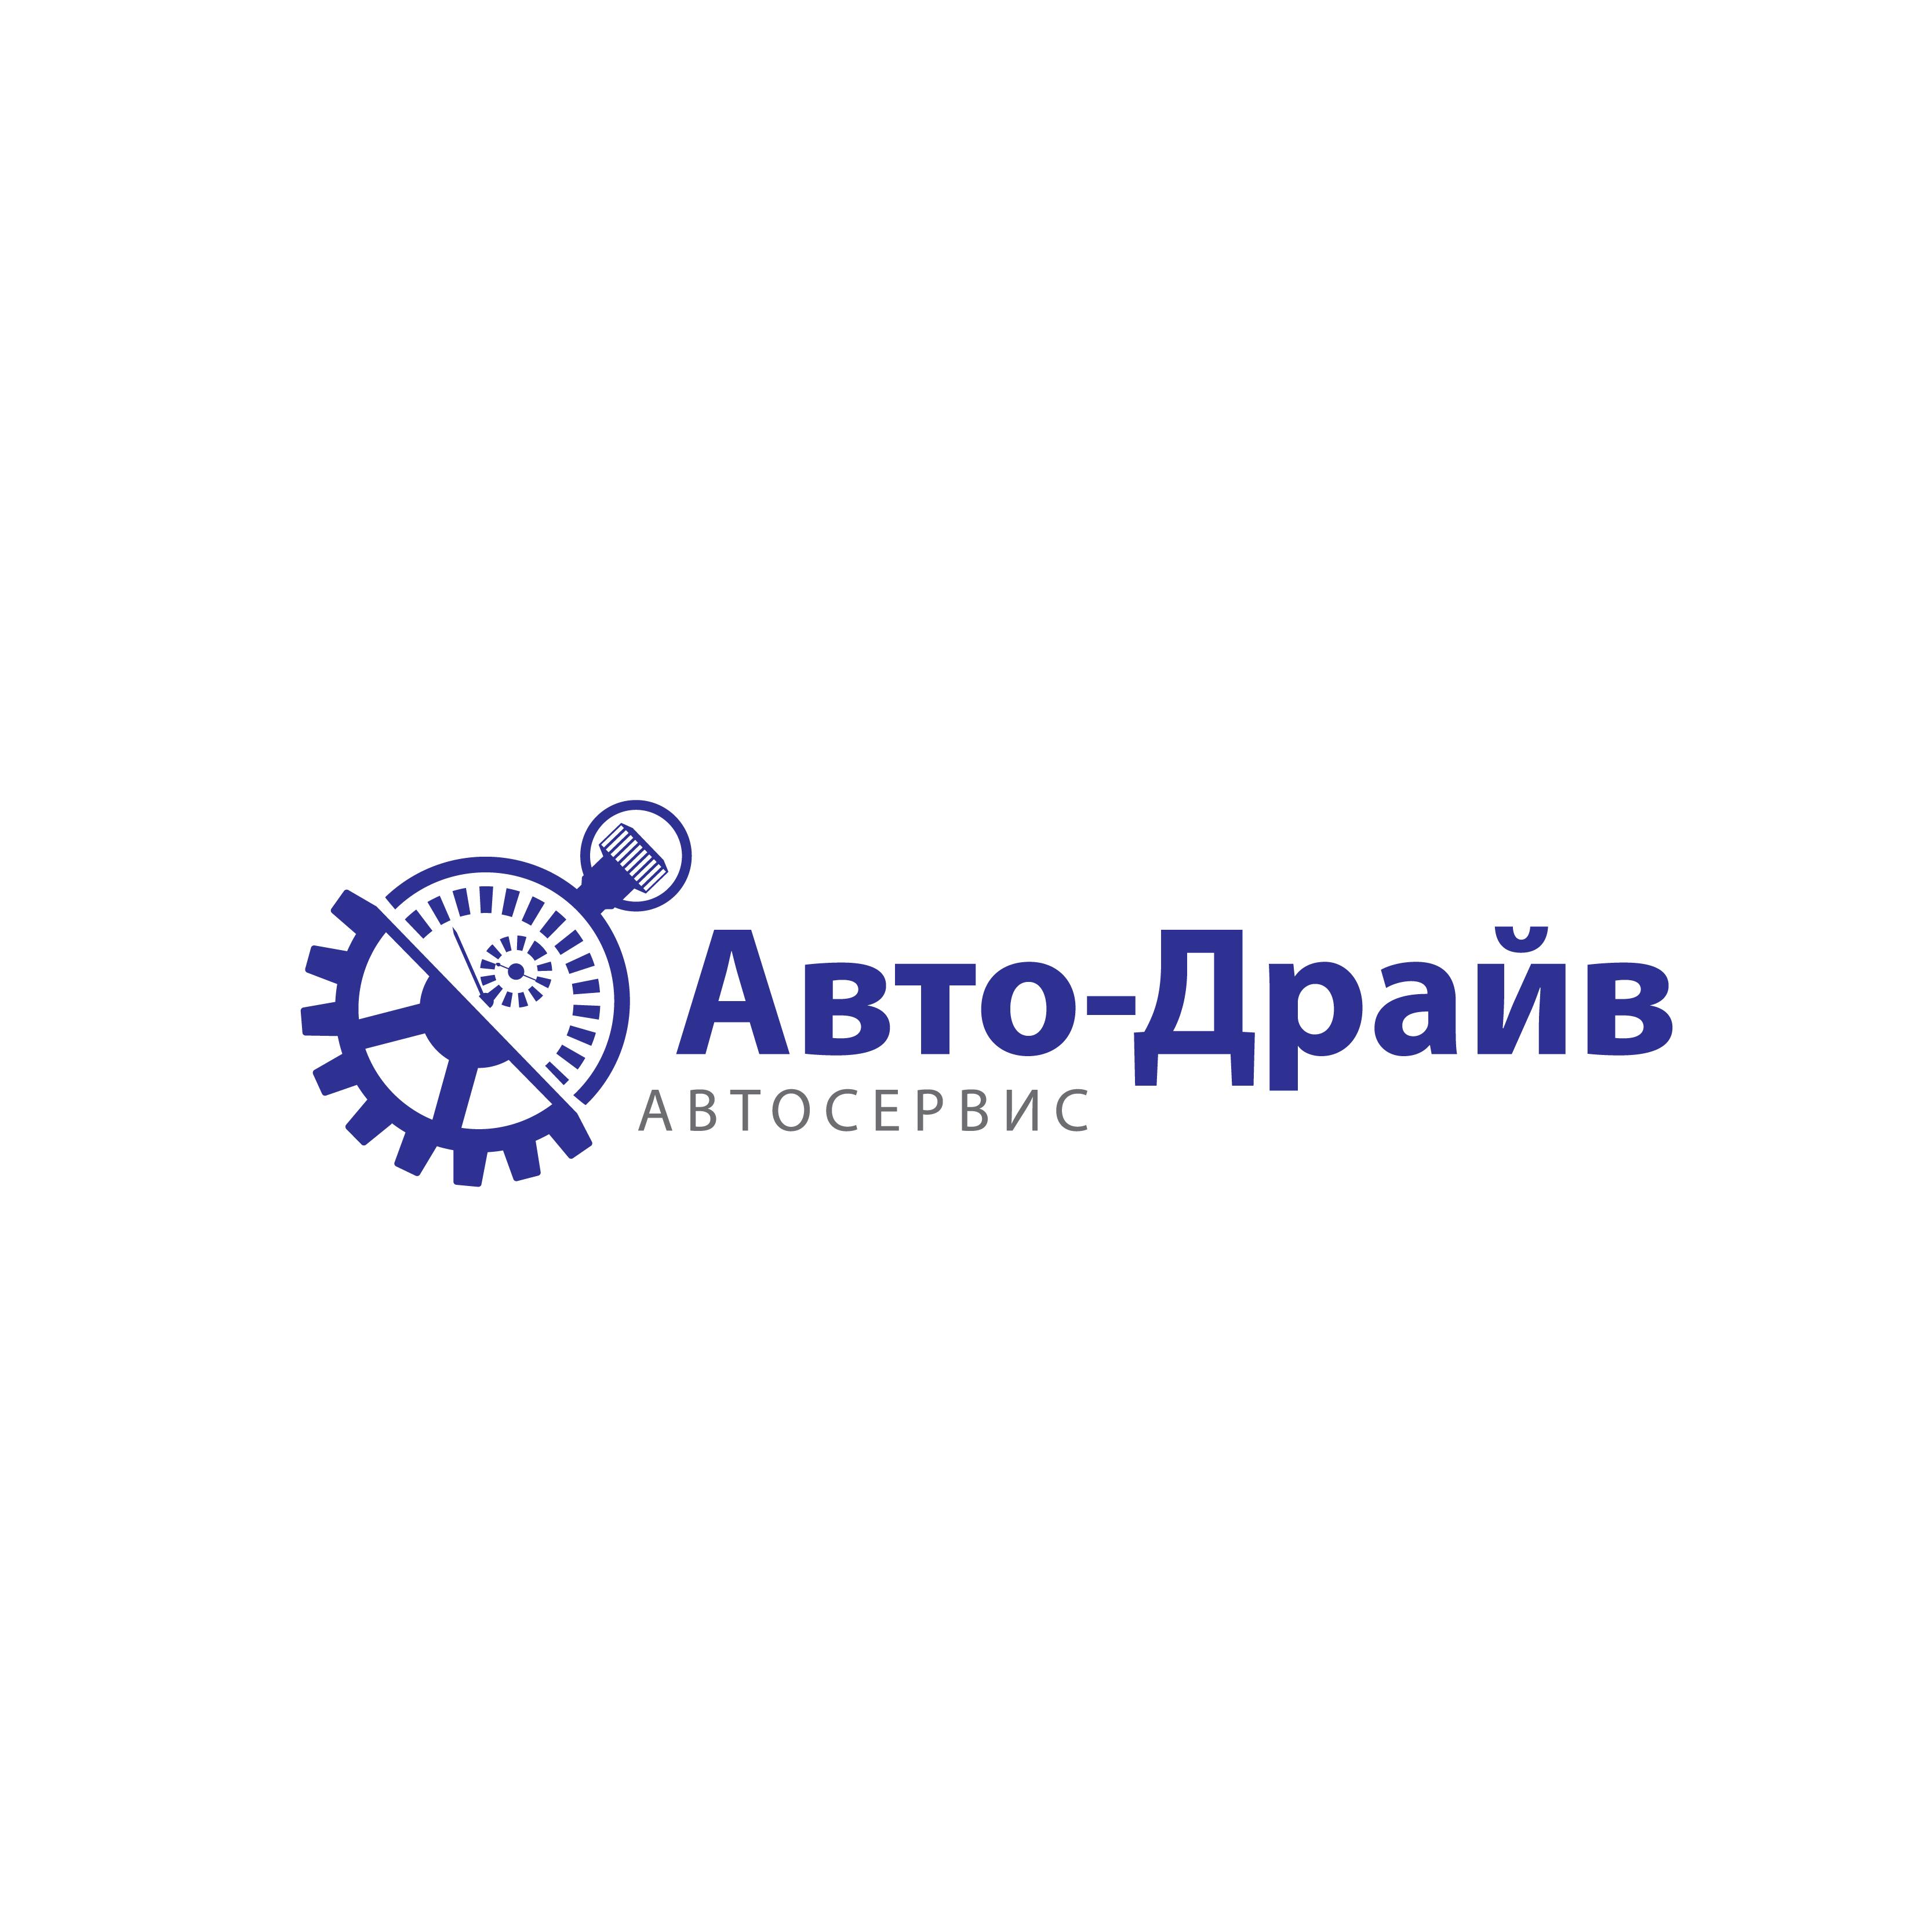 Разработать логотип автосервиса фото f_9385141da79836d5.jpg